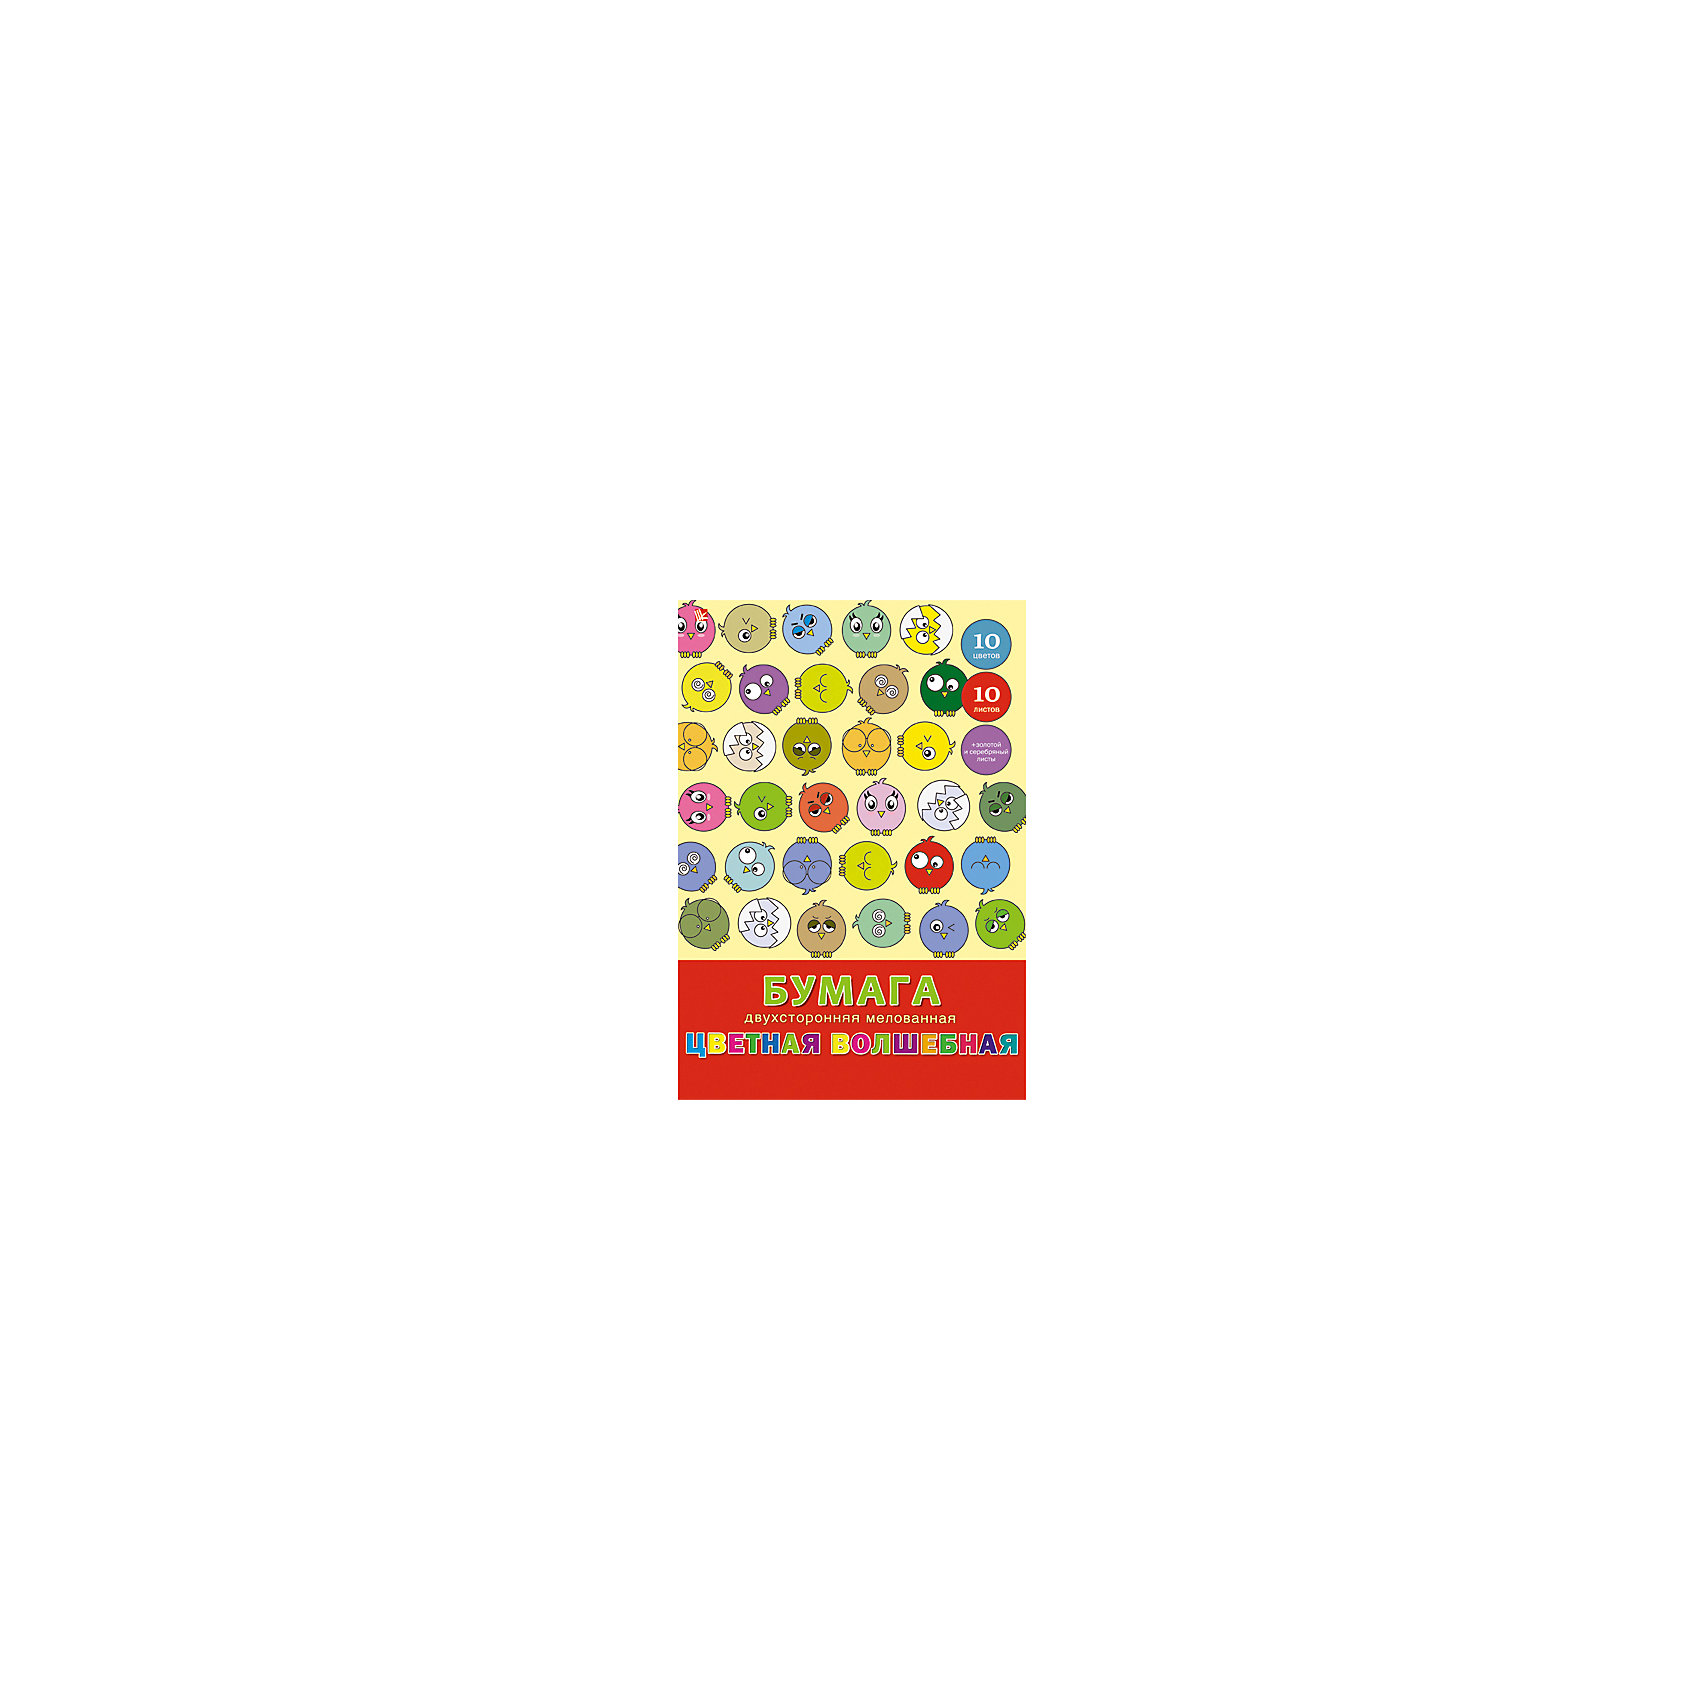 Волшебная цветная двухсторонняя мелованная  бумага, 10л, 10цвЦветная двухстороння мелованная бумага прекрасно подойдет для детского творчества.  С ее помощью ребенок сможет создать красивейшие поделки, а забавные птички с обложки непременно помогут ему в этом!<br><br>Дополнительная информация:<br>Обложка: Картон<br>Количество листов: 10(разноцветные)<br>Скрепление: скрепка<br>Формат: А4<br>Волшебную цветную двухстороннюю бумагу вы можете купить в нашем интернет-магазине.<br><br>Ширина мм: 280<br>Глубина мм: 200<br>Высота мм: 7<br>Вес г: 91<br>Возраст от месяцев: 72<br>Возраст до месяцев: 2147483647<br>Пол: Унисекс<br>Возраст: Детский<br>SKU: 4942480